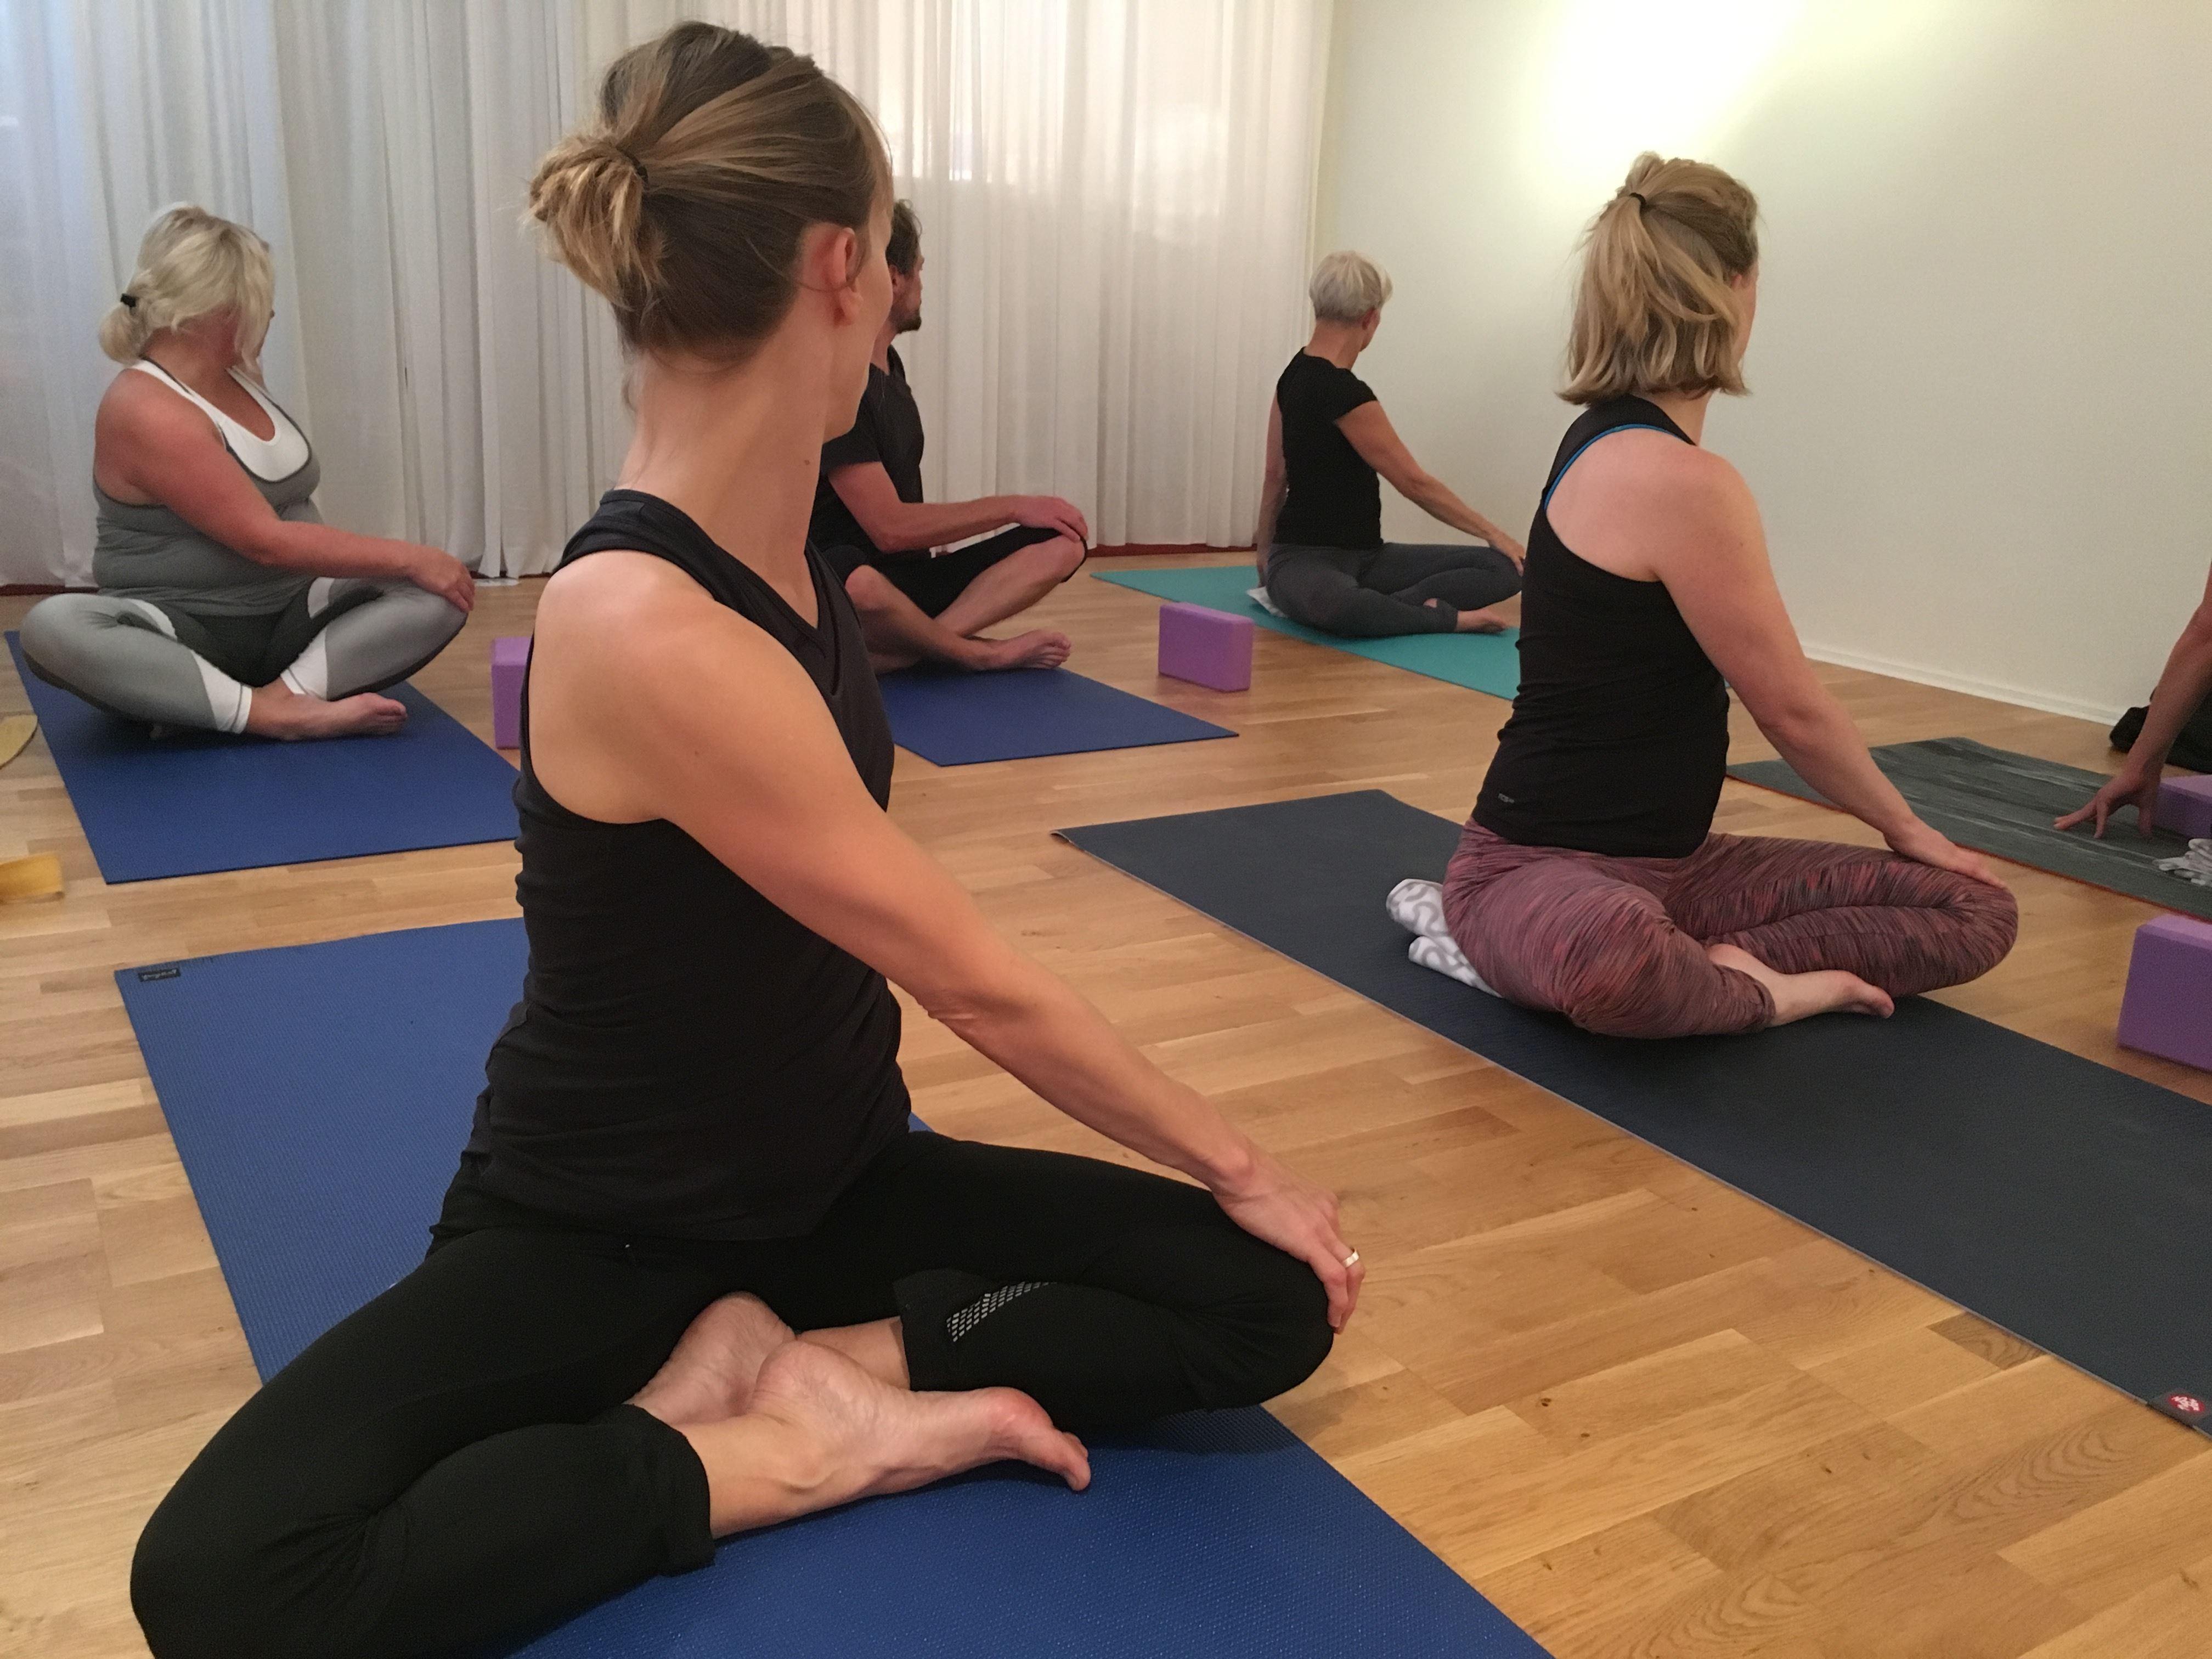 Viryayoga - fysiskt flödande yoga, avancerad